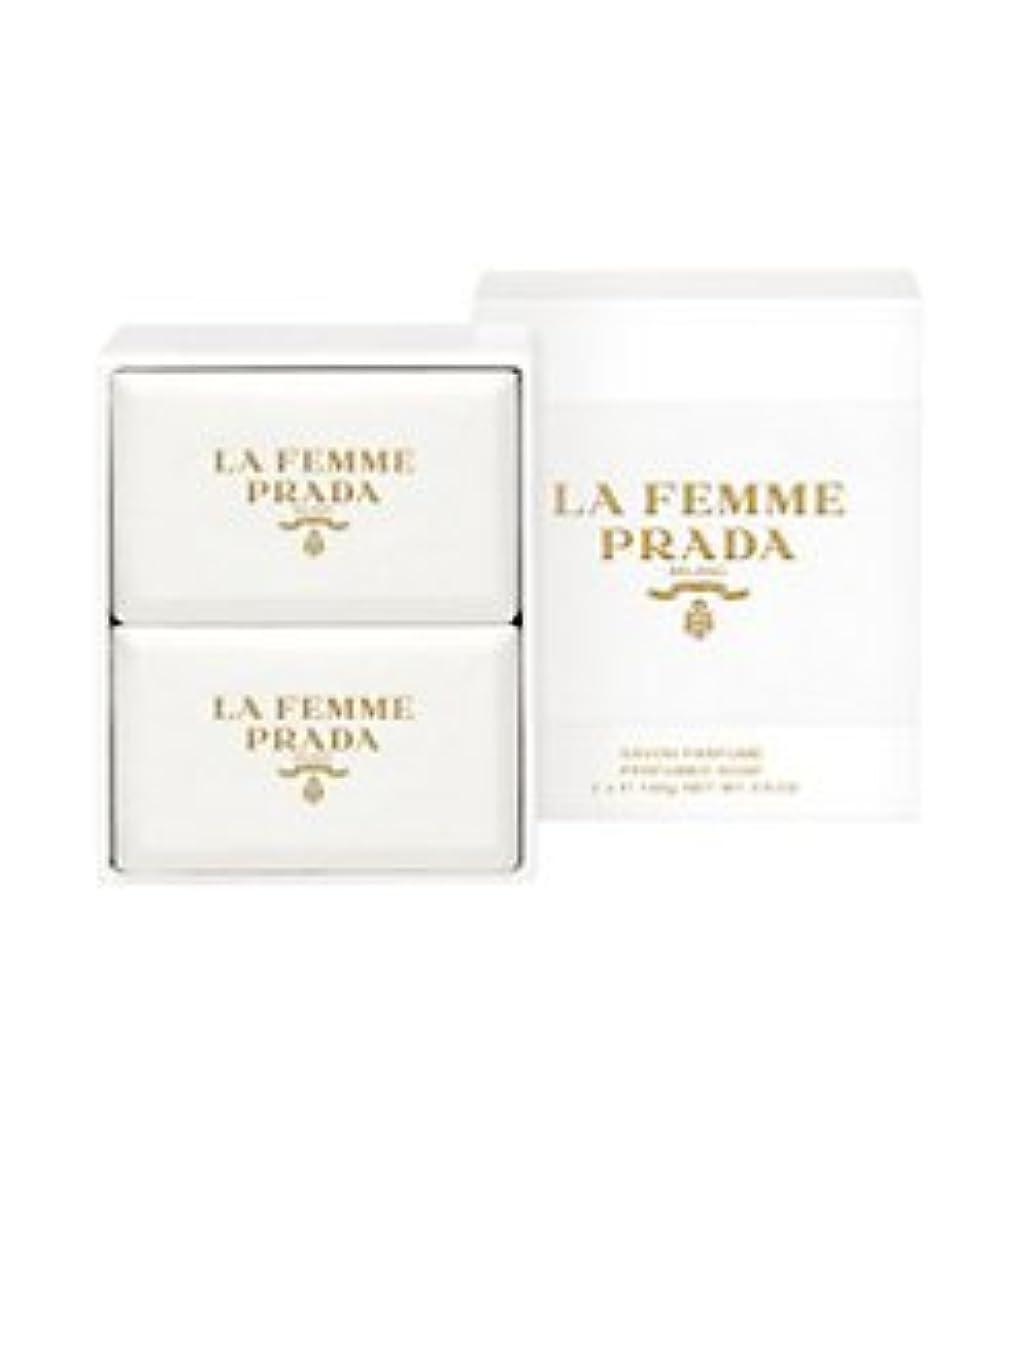 優れたガード沿ってLa Femme Prada (ラ フェム プラダ) 1.75 oz (52ml) Soap (石鹸) x 2個 for Women